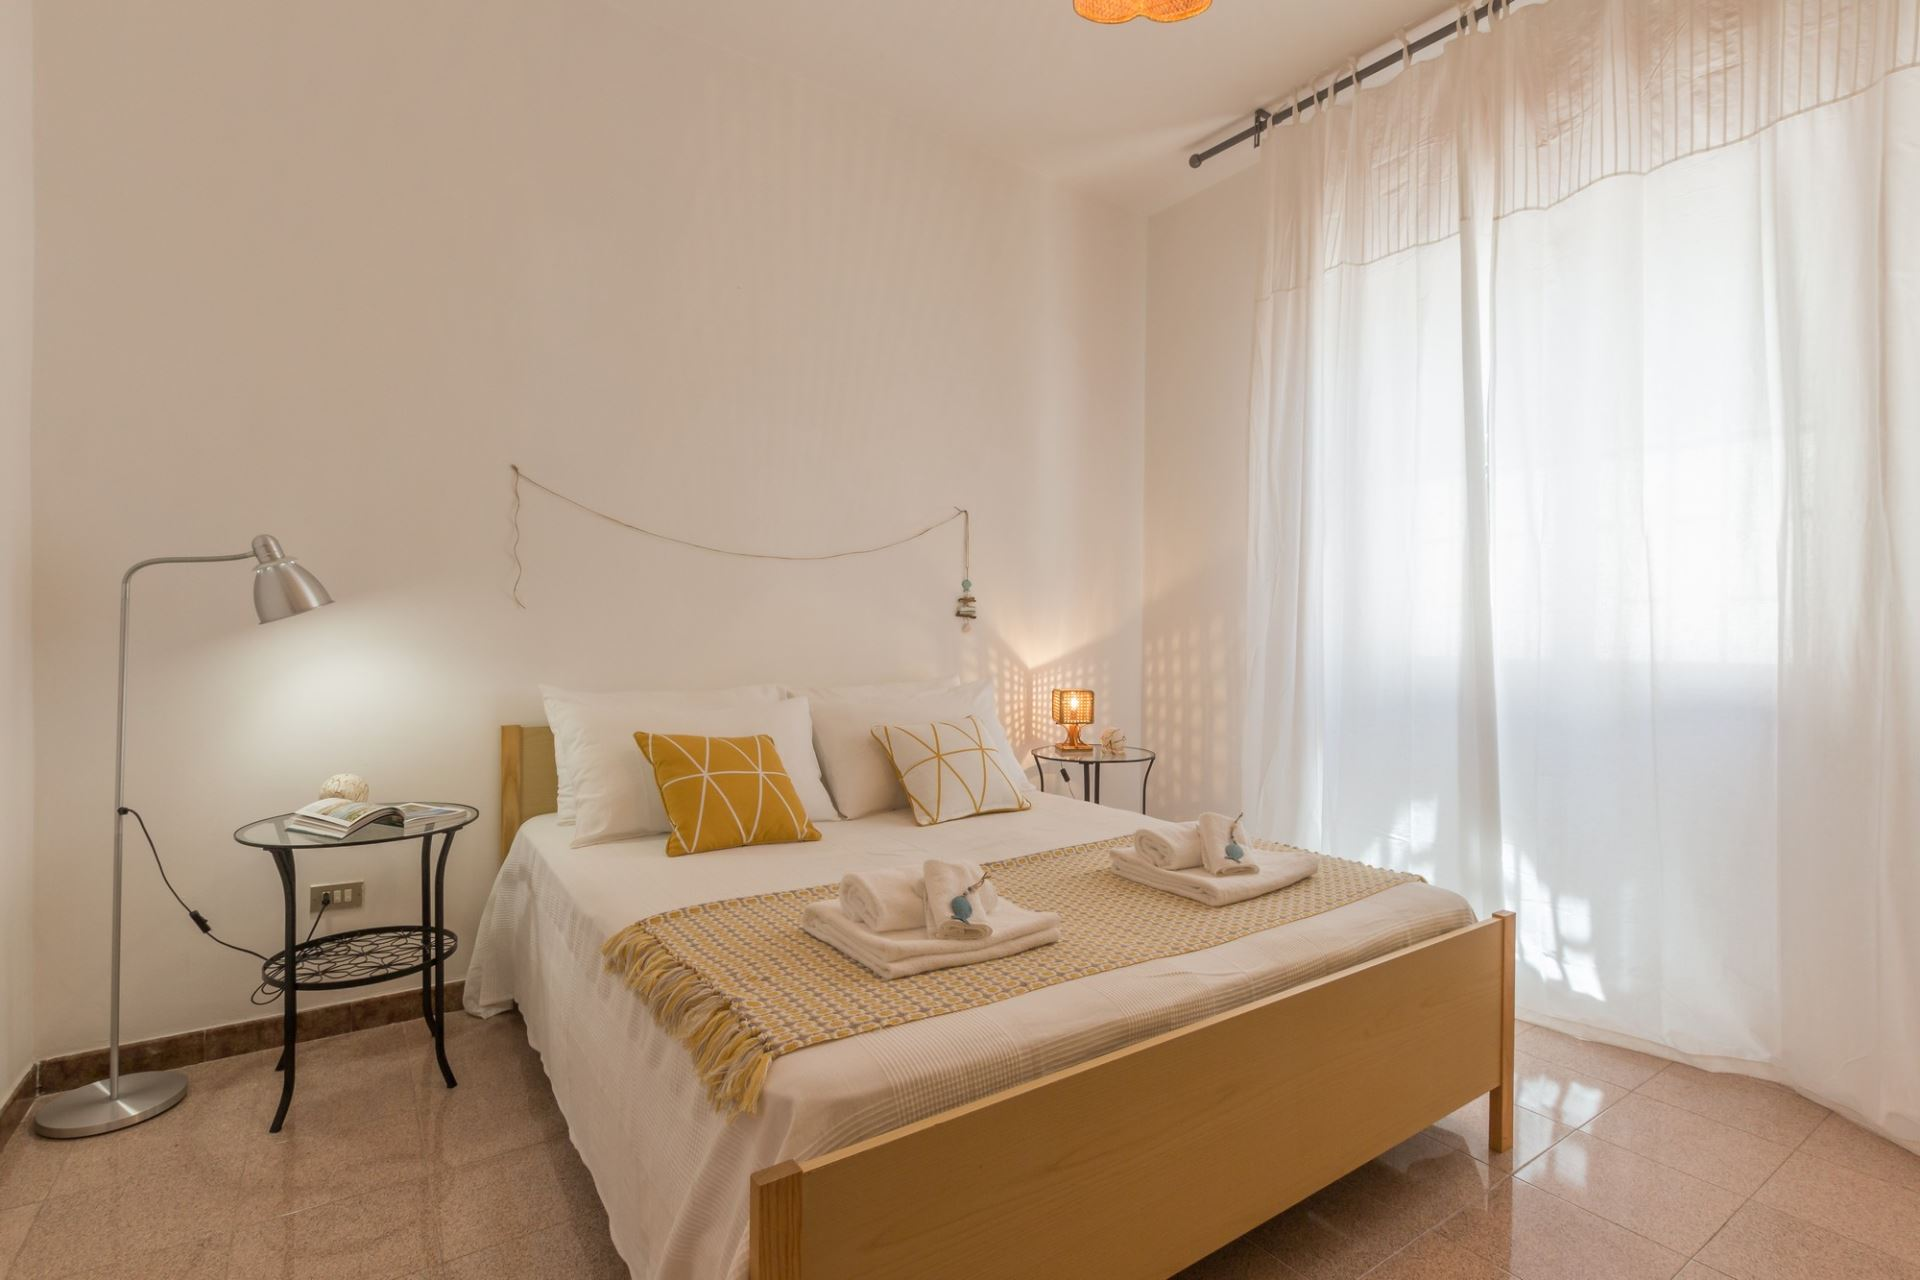 Casa Gaia PP, appartamento per le vacanze in Salento